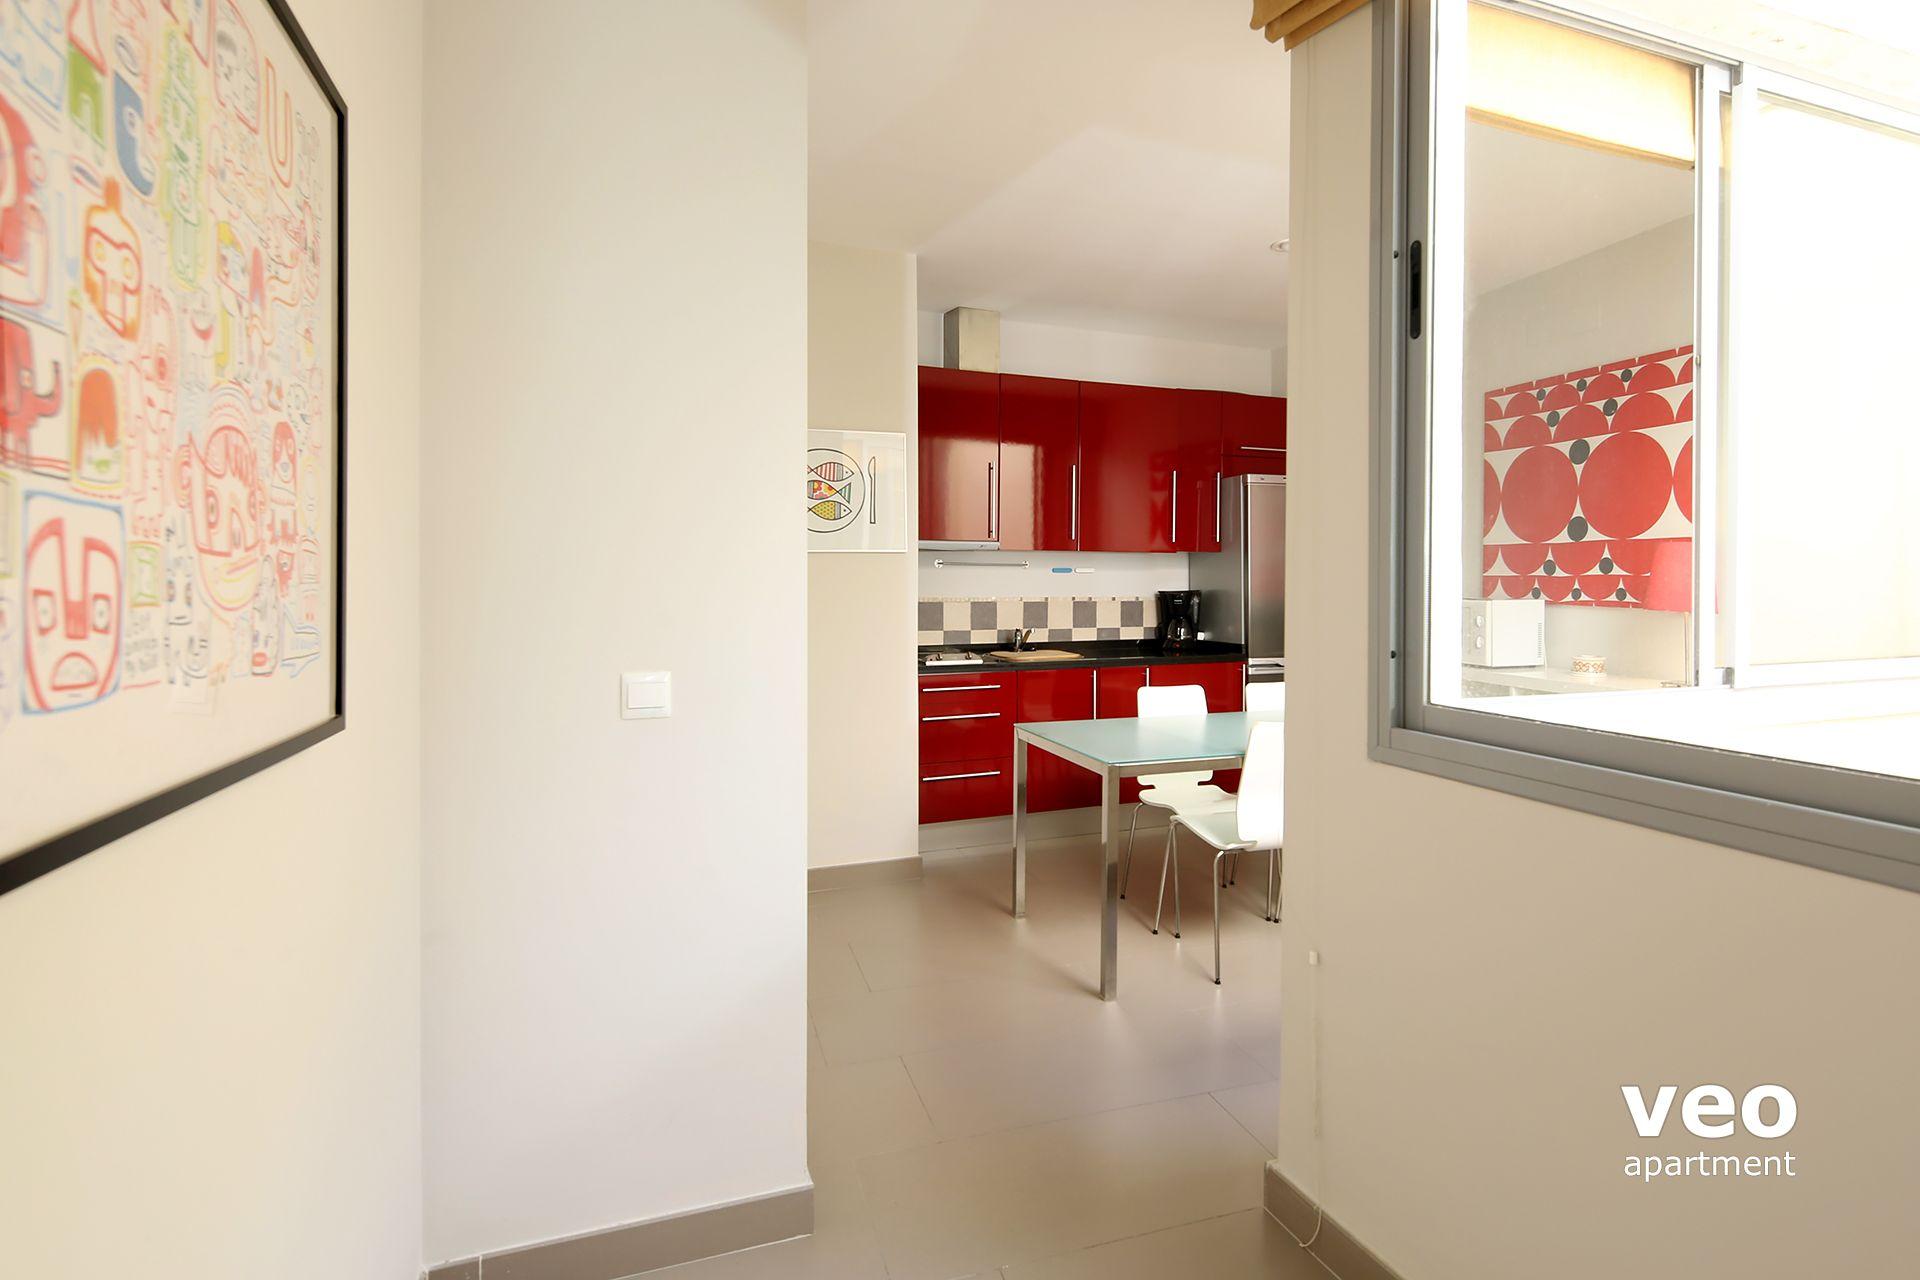 Sevilla apartmento calle archeros sevilla espa a for Registro bienes muebles sevilla